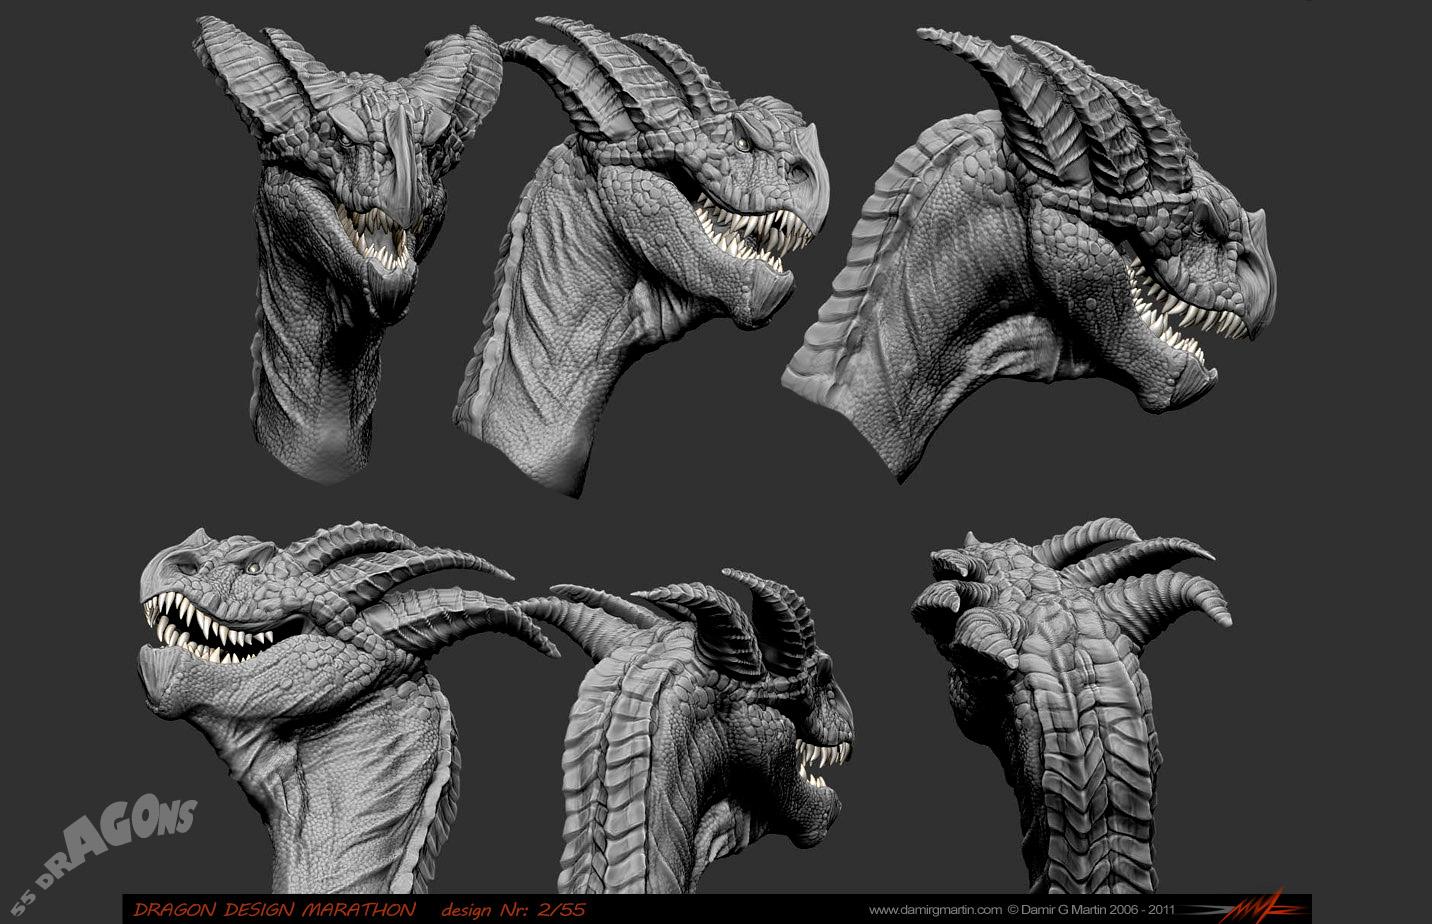 Dragon2 By Damir G Martin On Deviantart